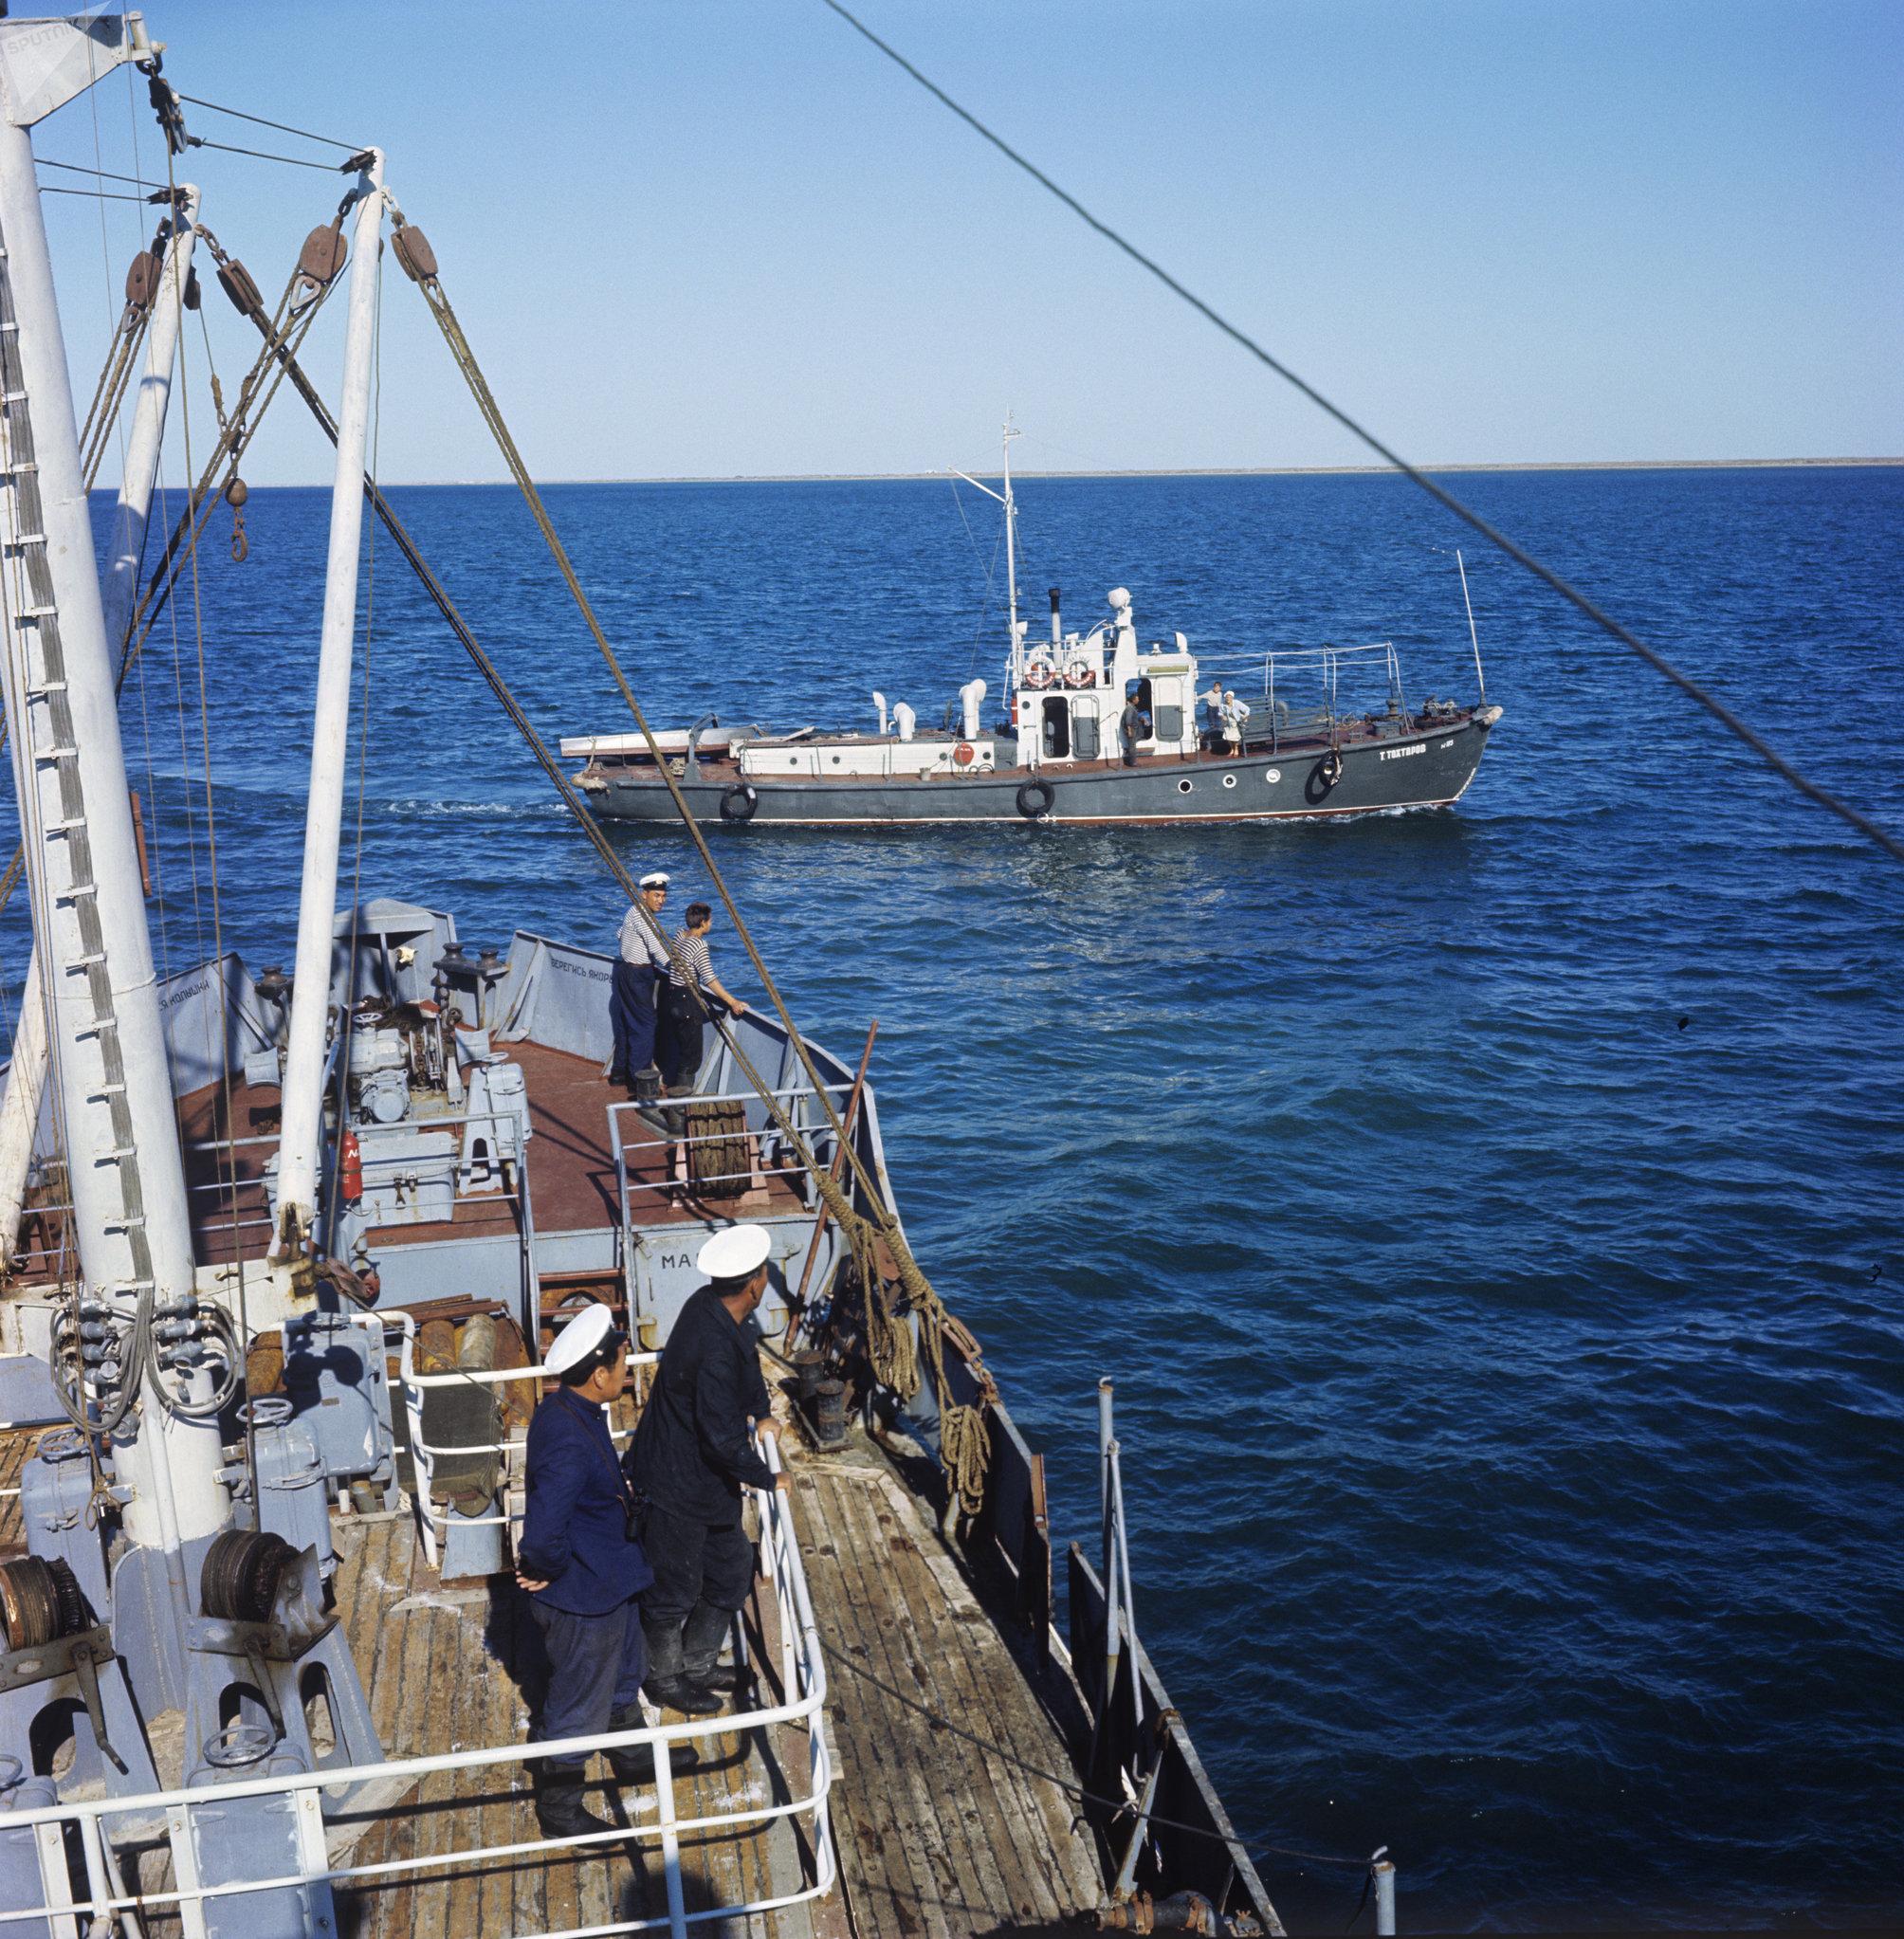 Un buque pesquero en el mar de Aral en 1968